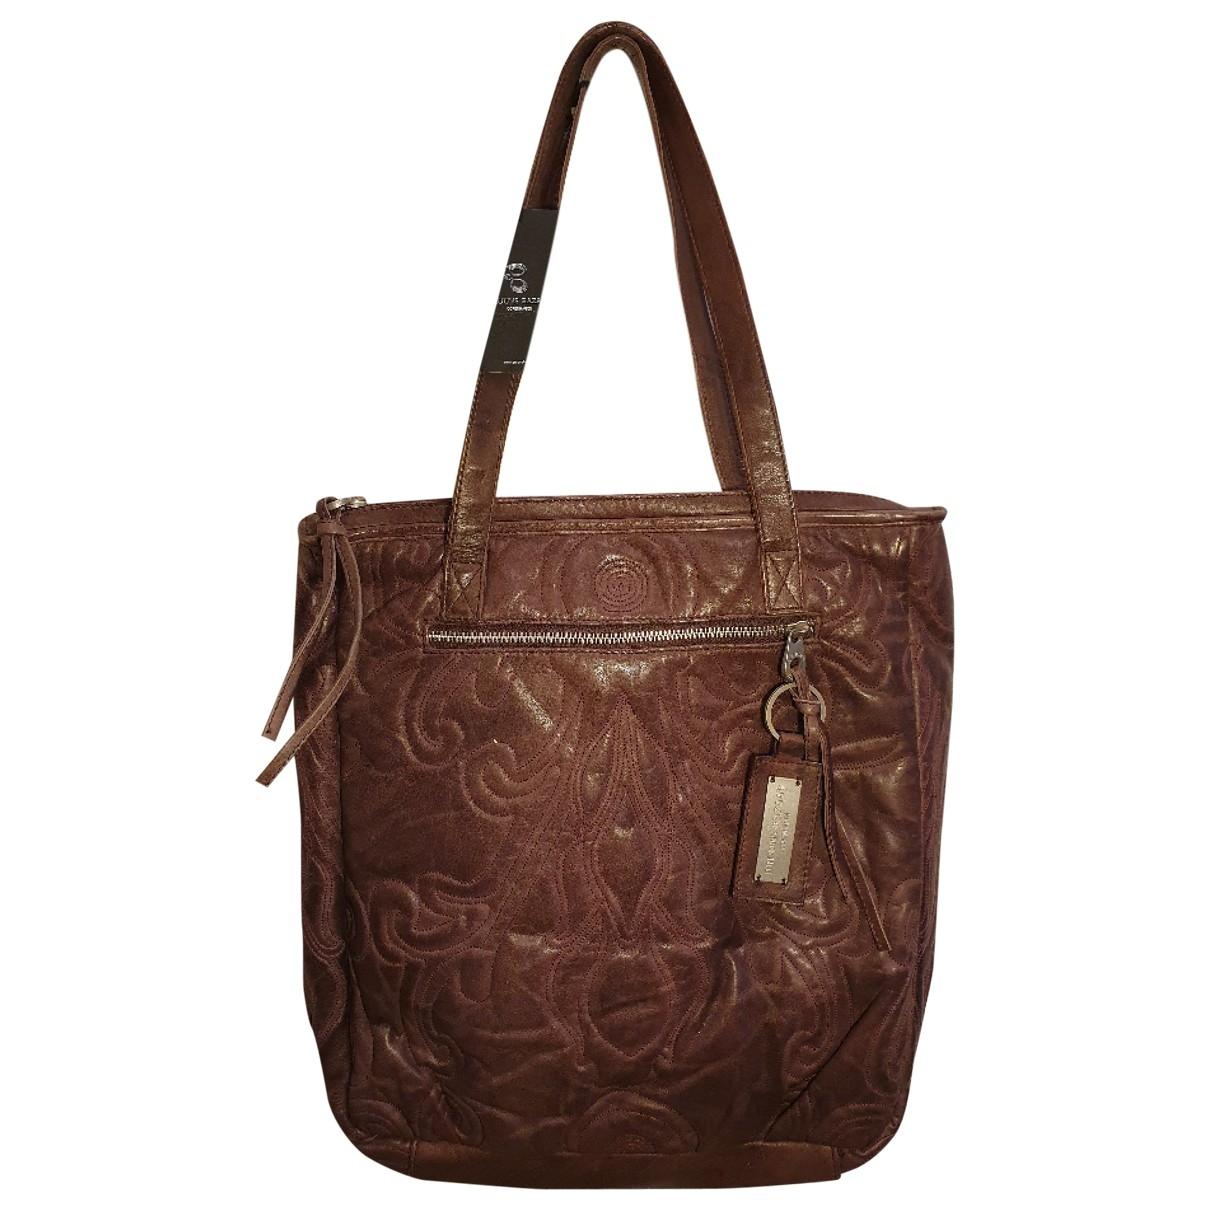 Bruuns Bazaar - Sac a main   pour femme en cuir - bordeaux